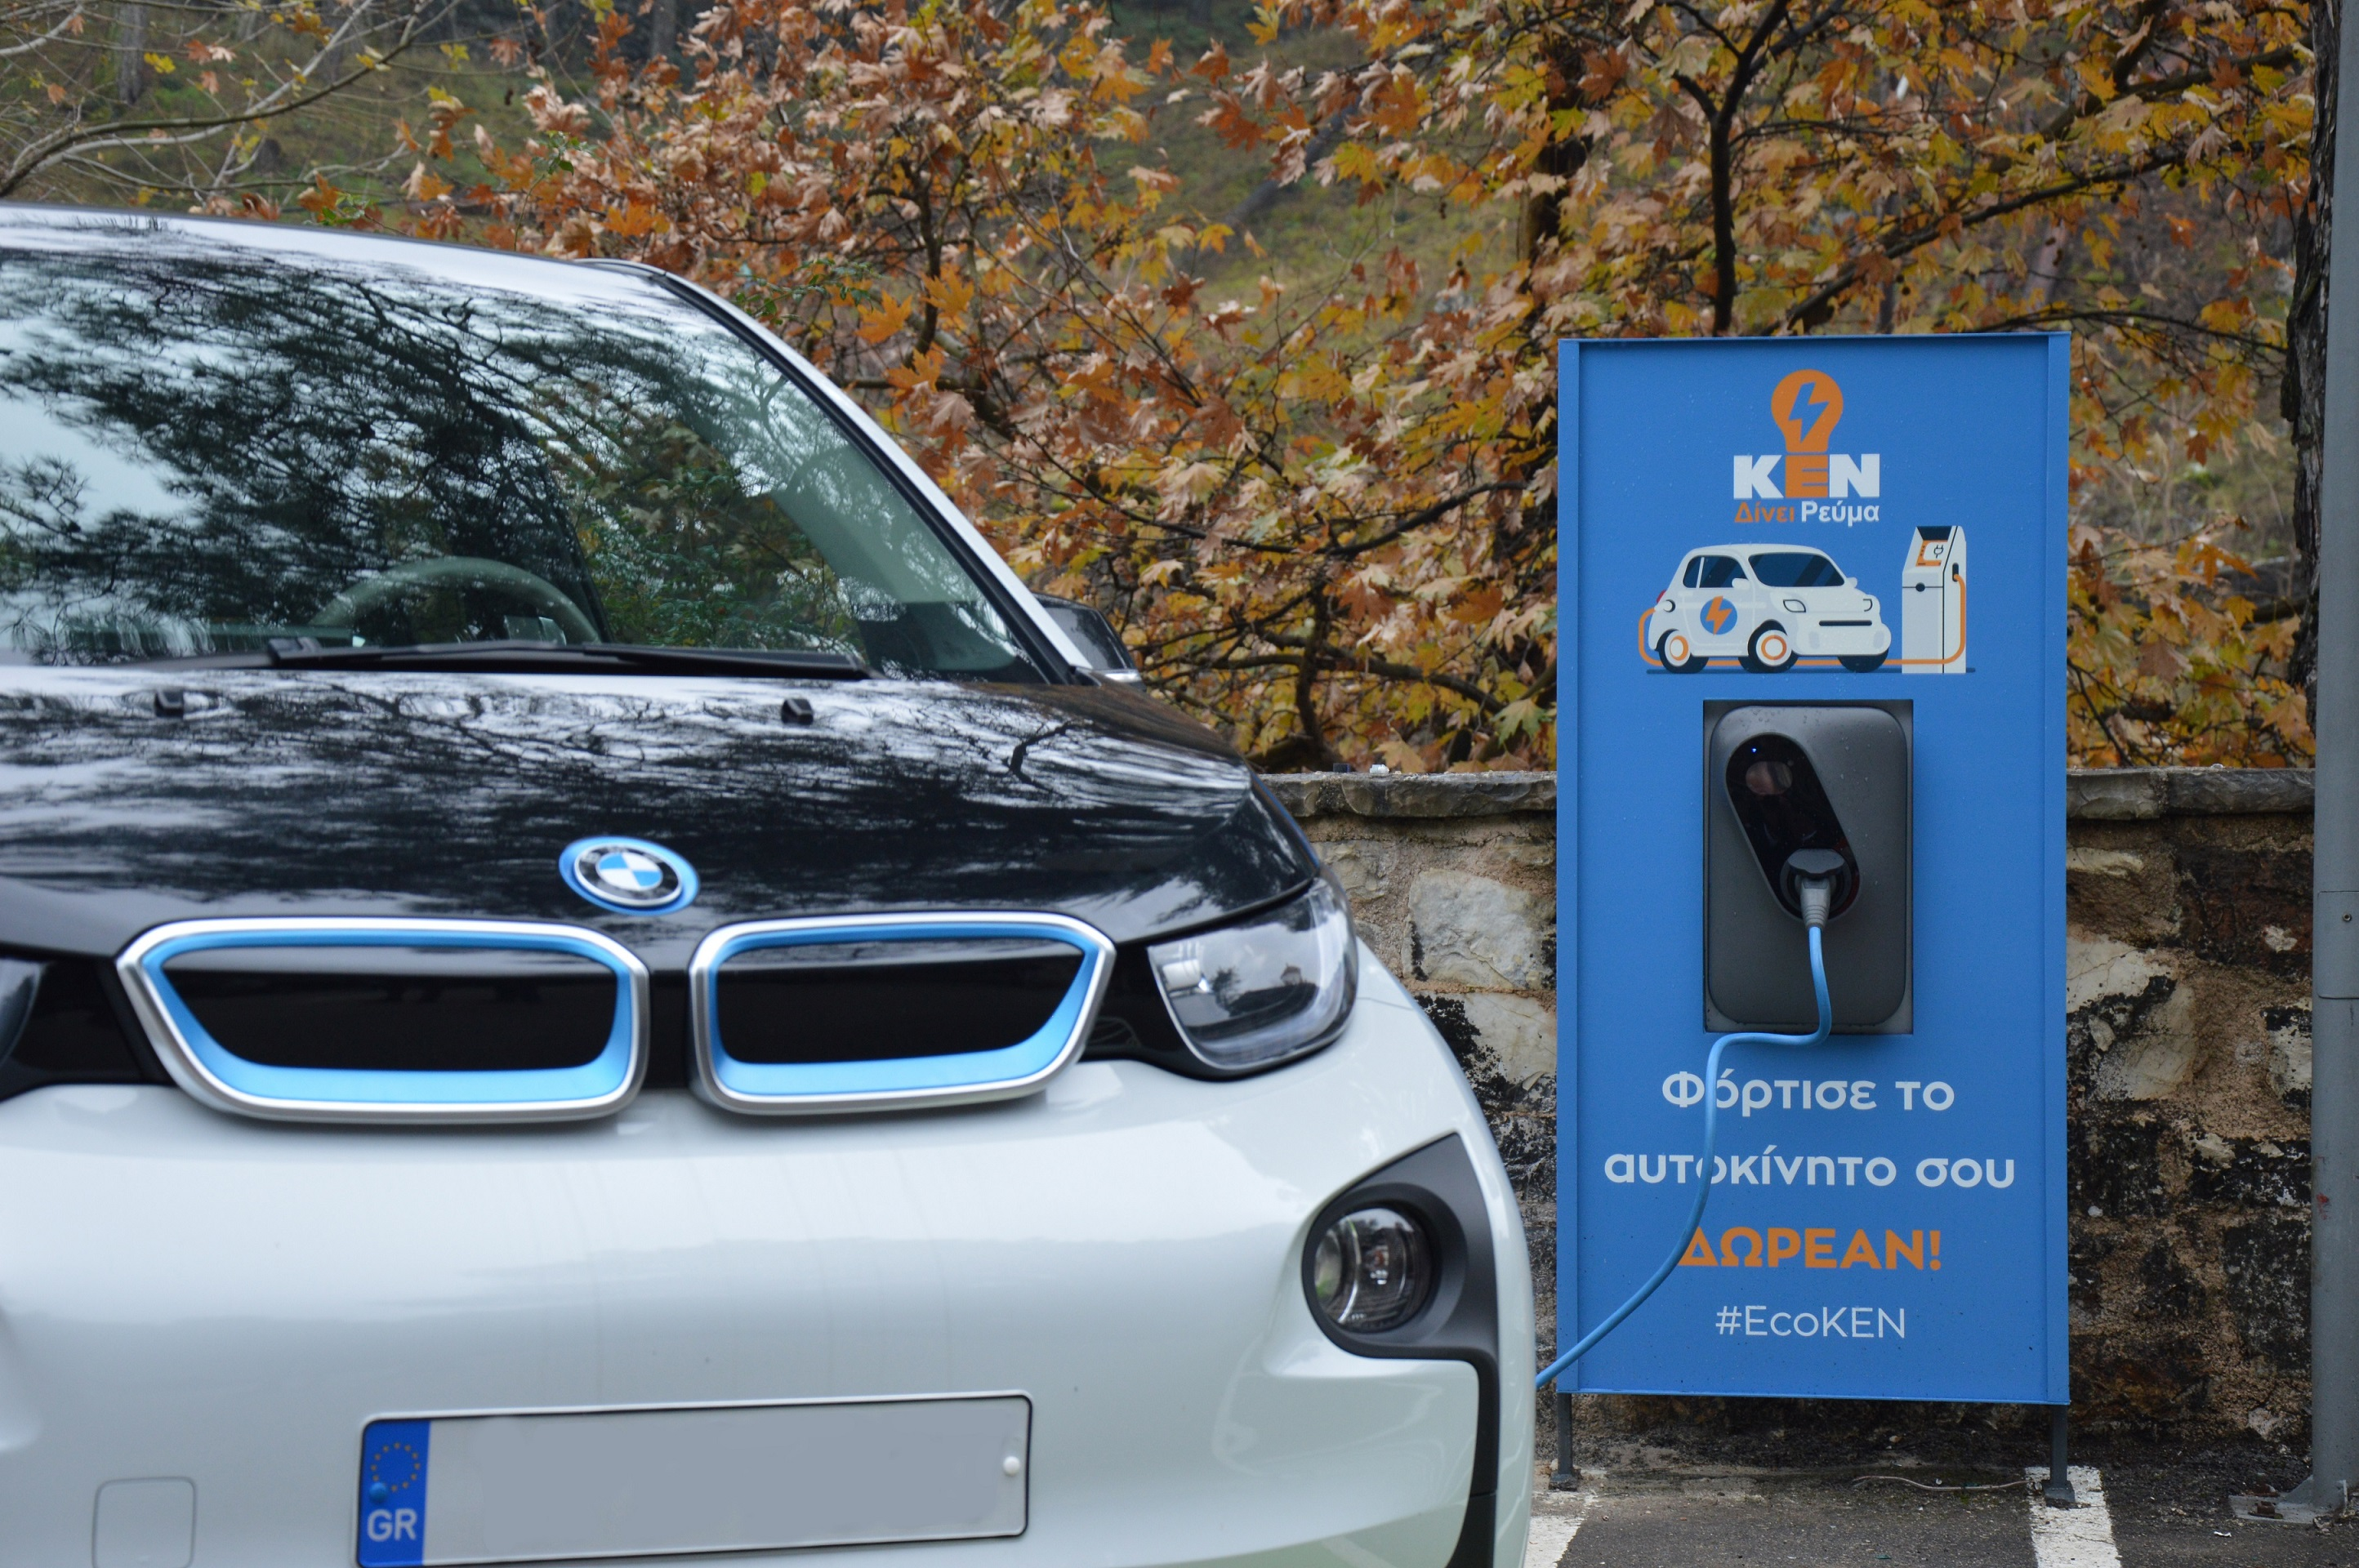 Η ΚΕΝ στηρίζει τον πρώτο σταθμό φόρτισης ηλεκτρικών αυτοκινήτων στην Ήπειρο